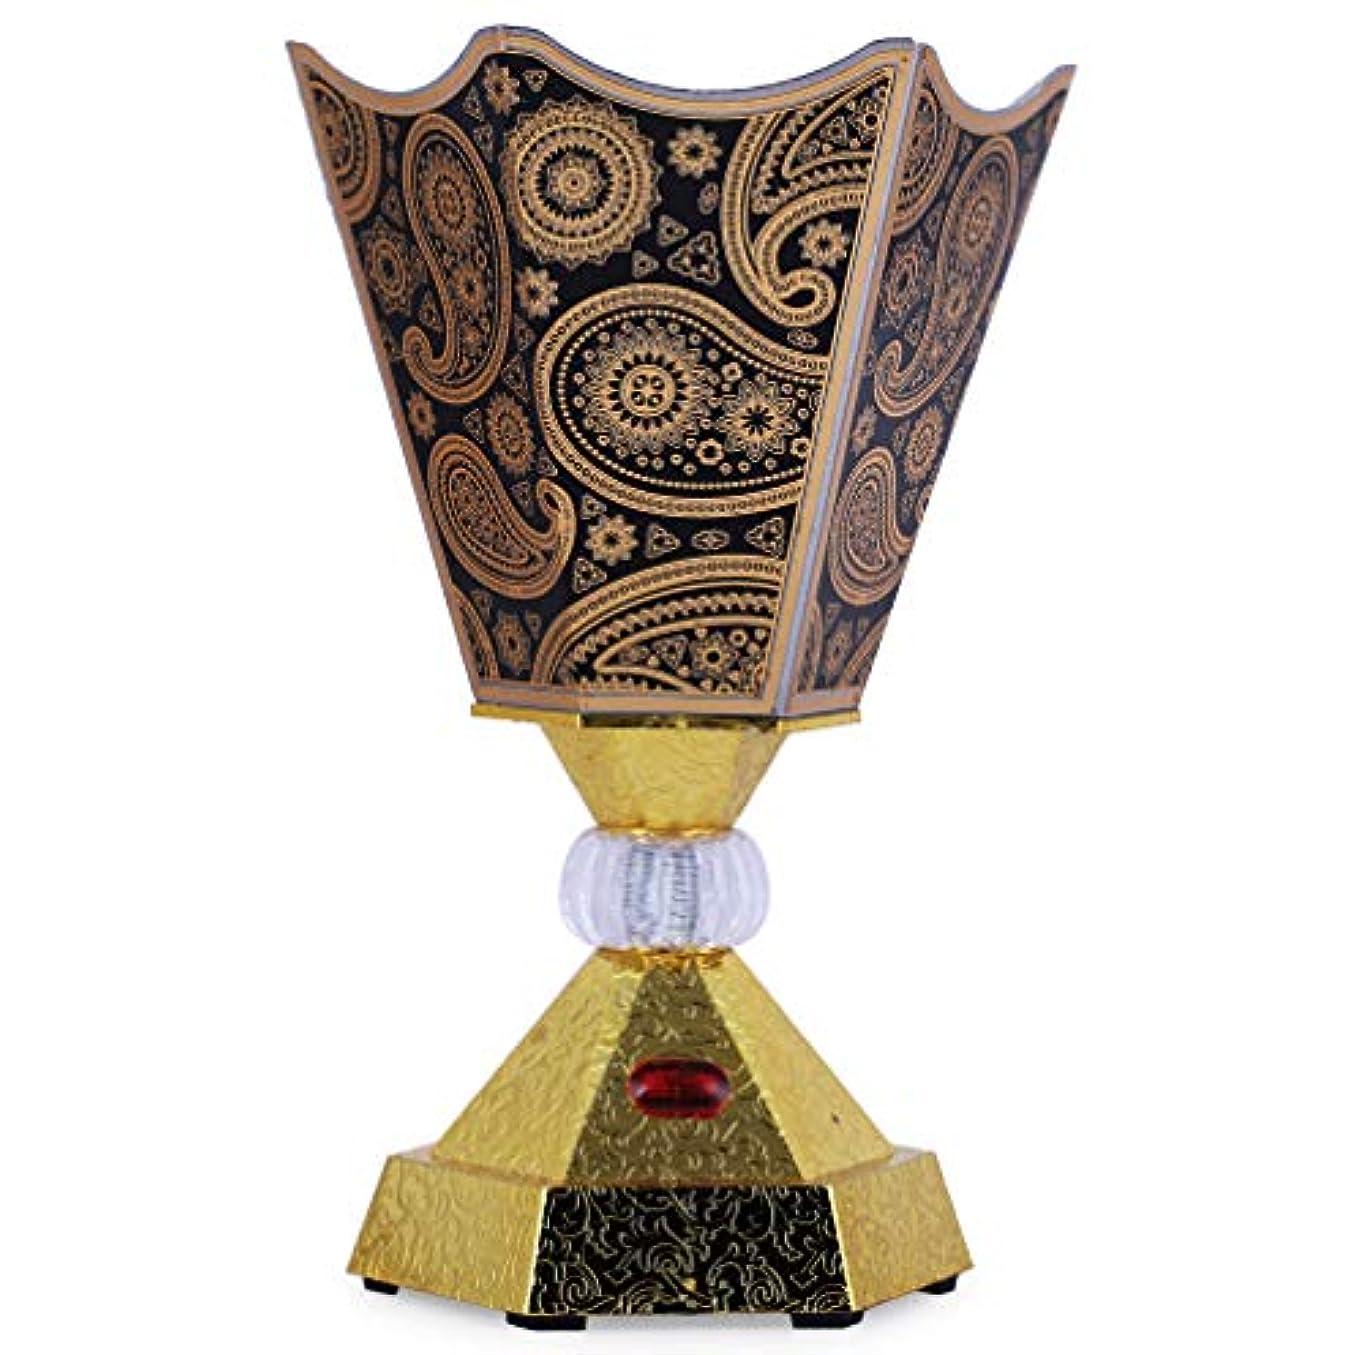 誰バイオリン意外Vintage Style Incense Bakhoor/Oud Burner Frankincense Incense Holder Electric, Best for Gifting IB-31-Black